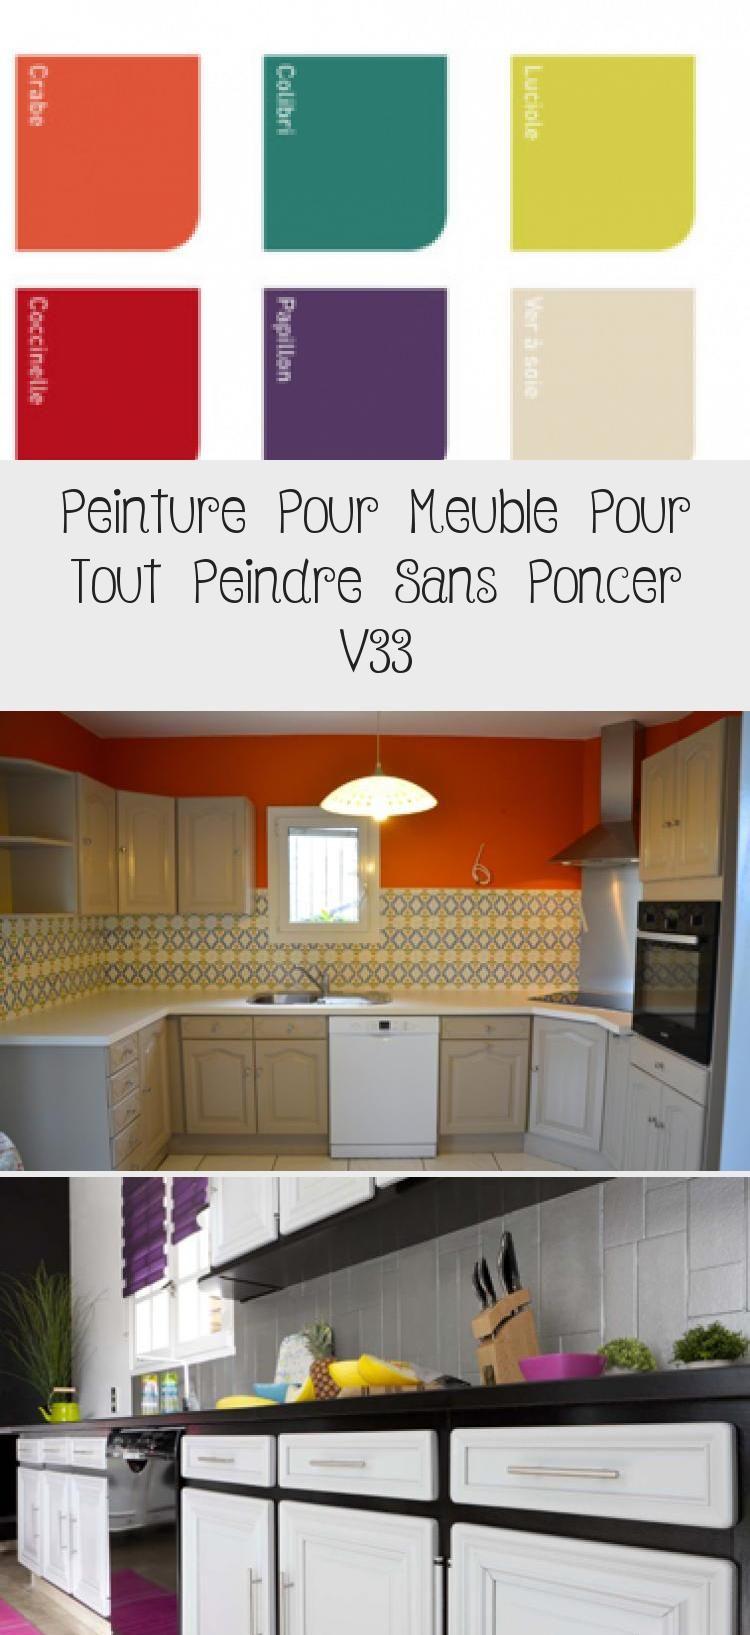 Peinture Pour Meuble Pour Tout Peindre Sans Poncer V13